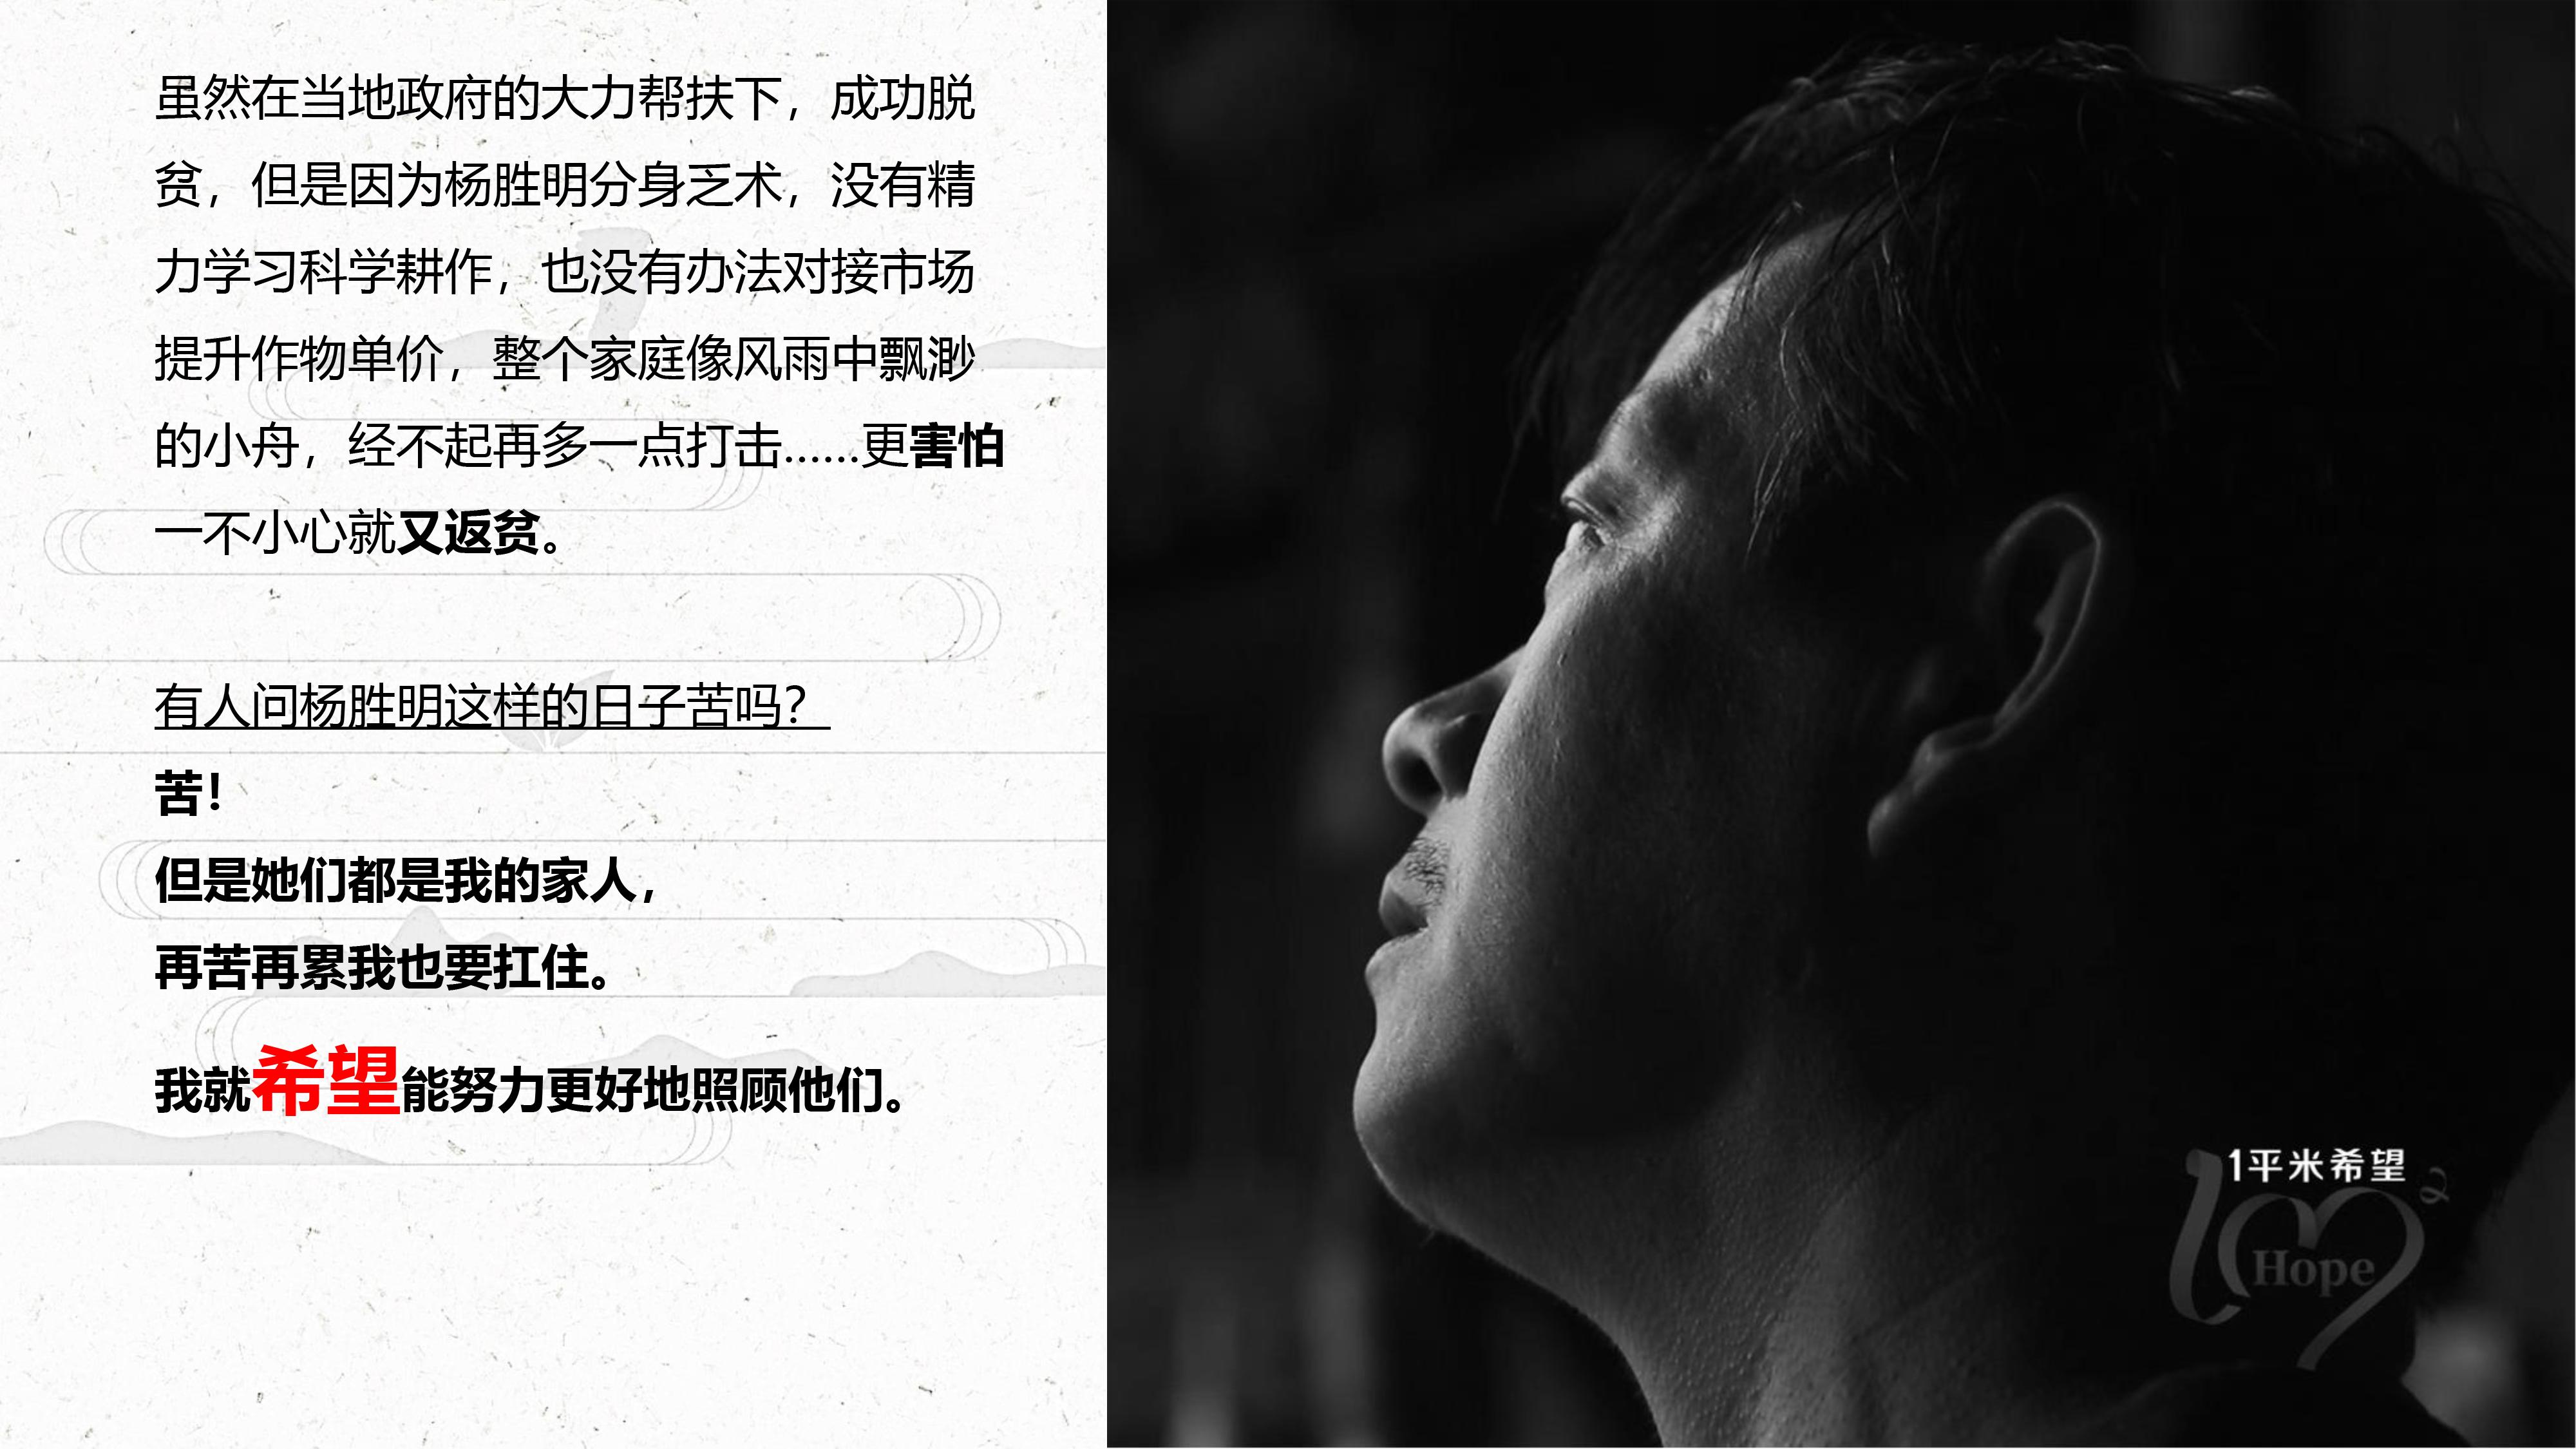 一平米希望(1210广协定稿)-3.jpg